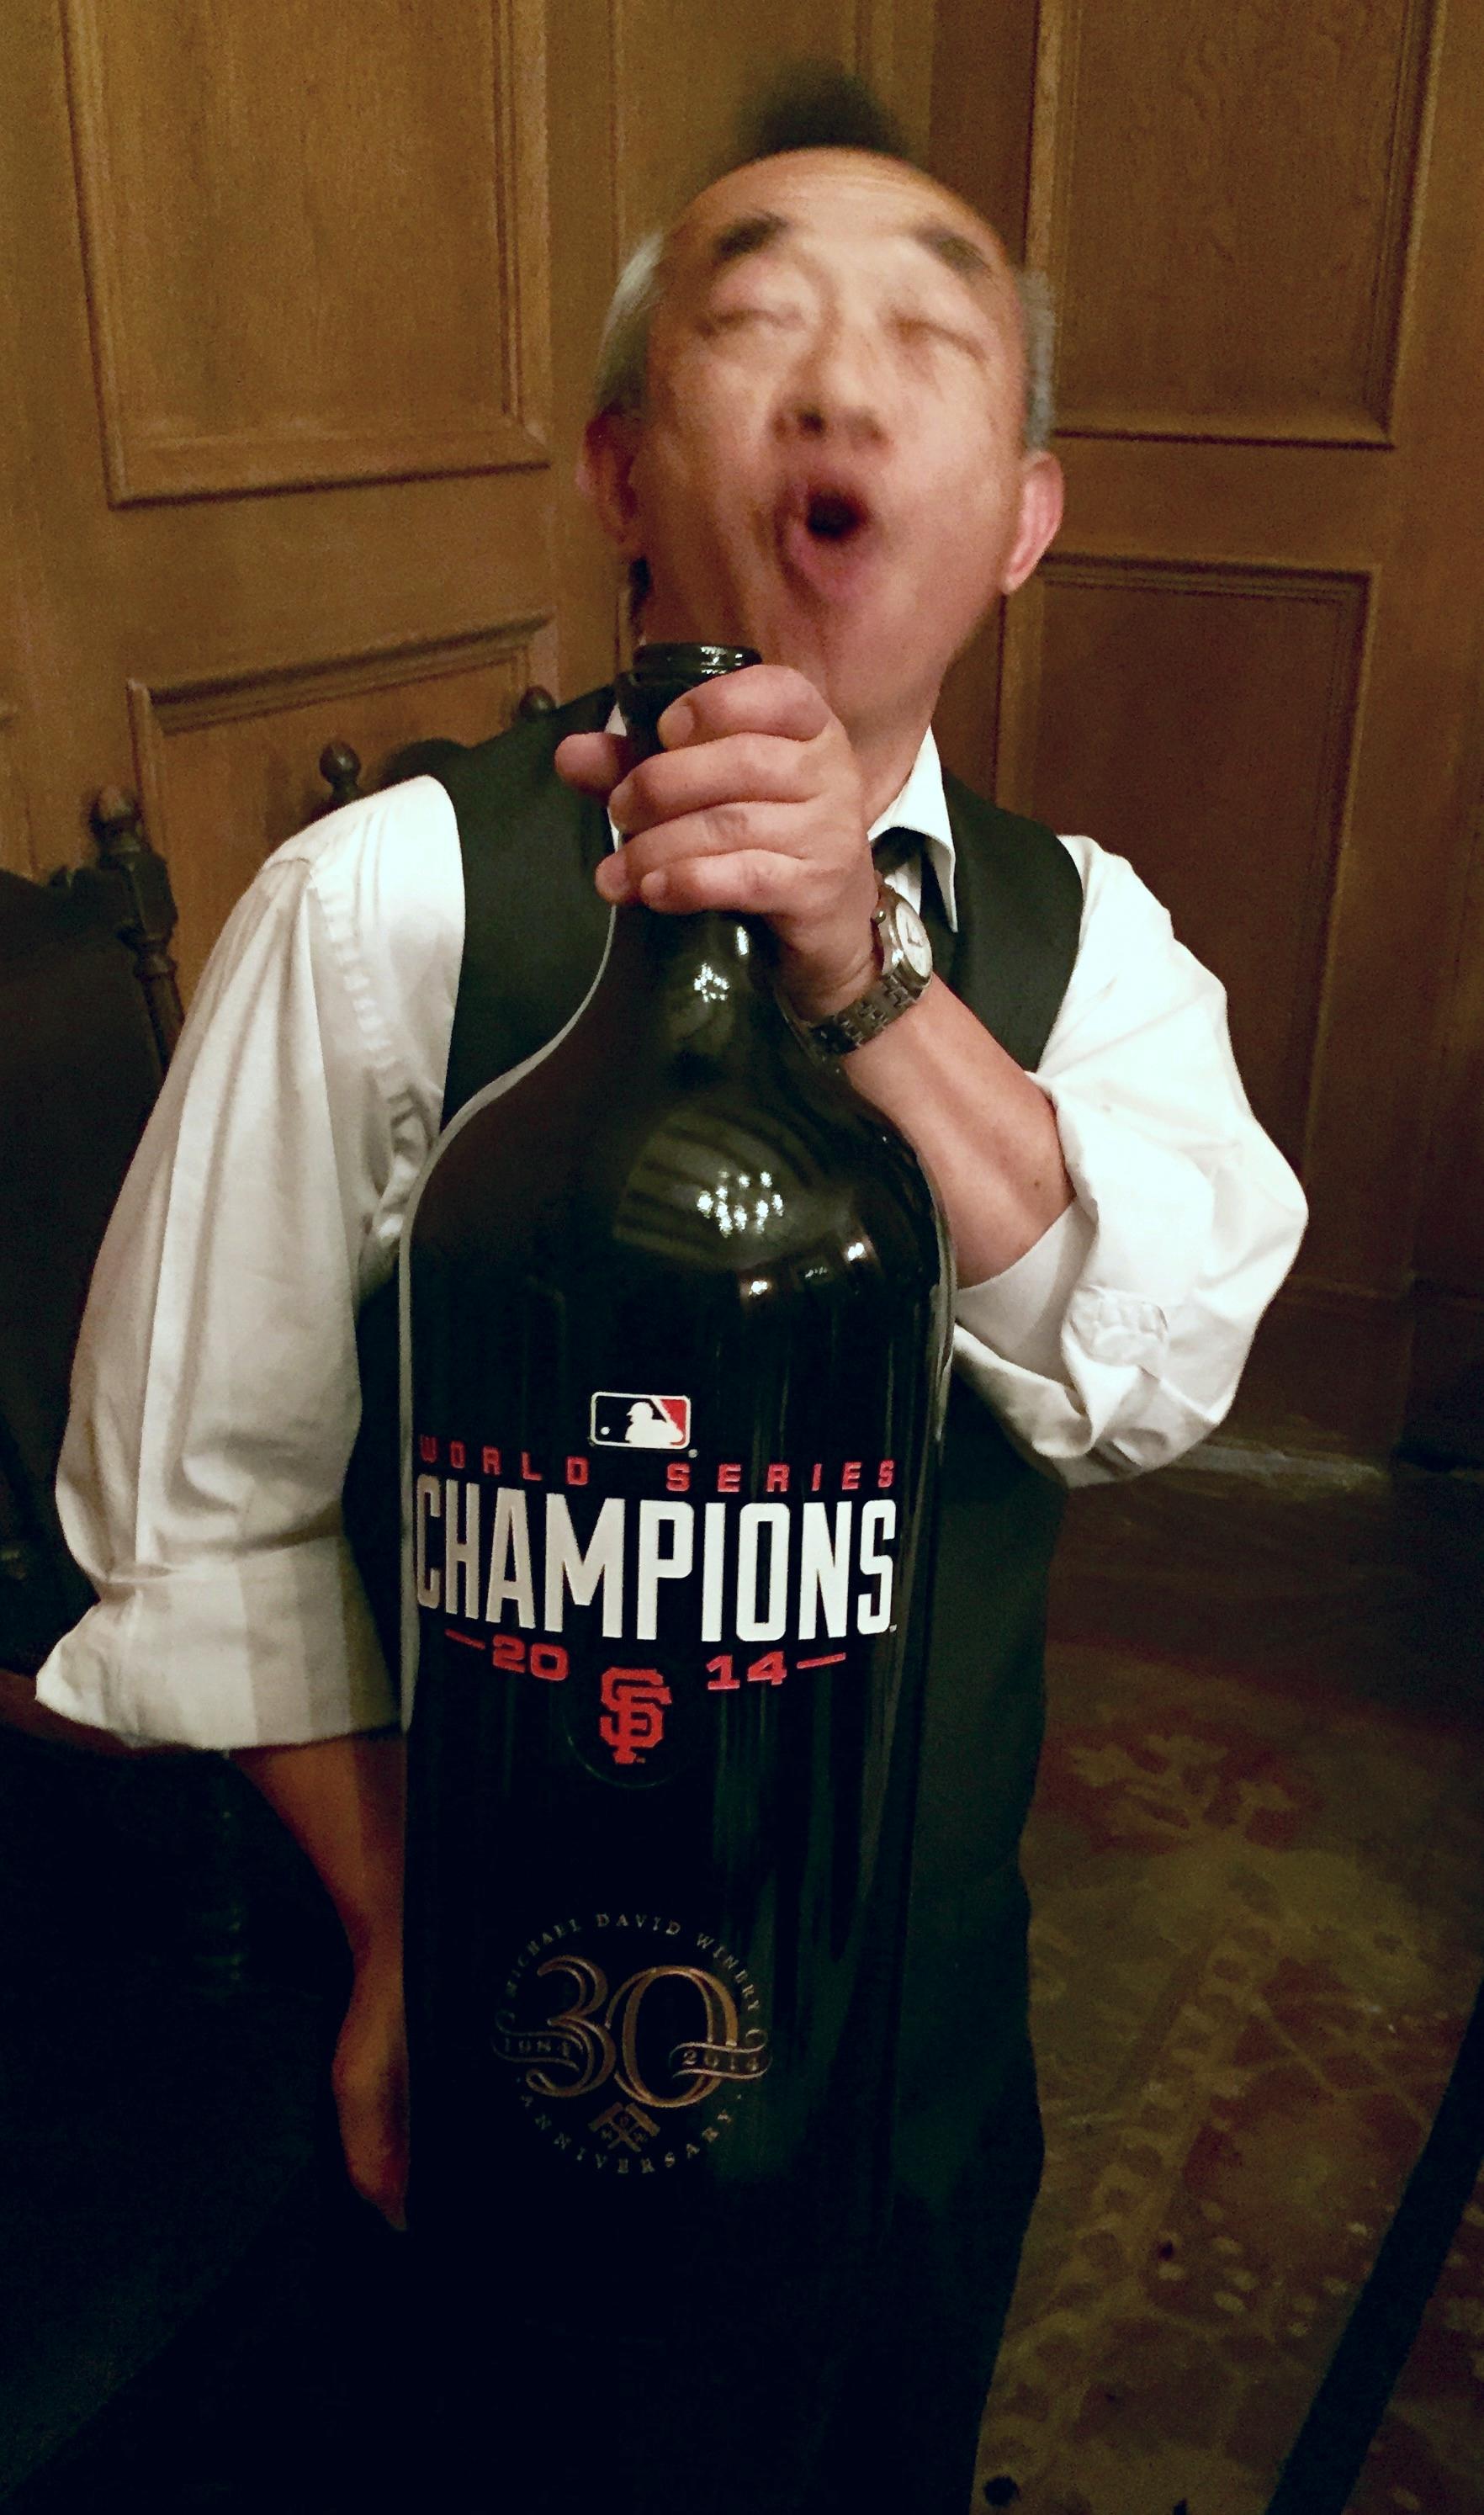 BBP 2015 MDW Giants Bottle.jpg